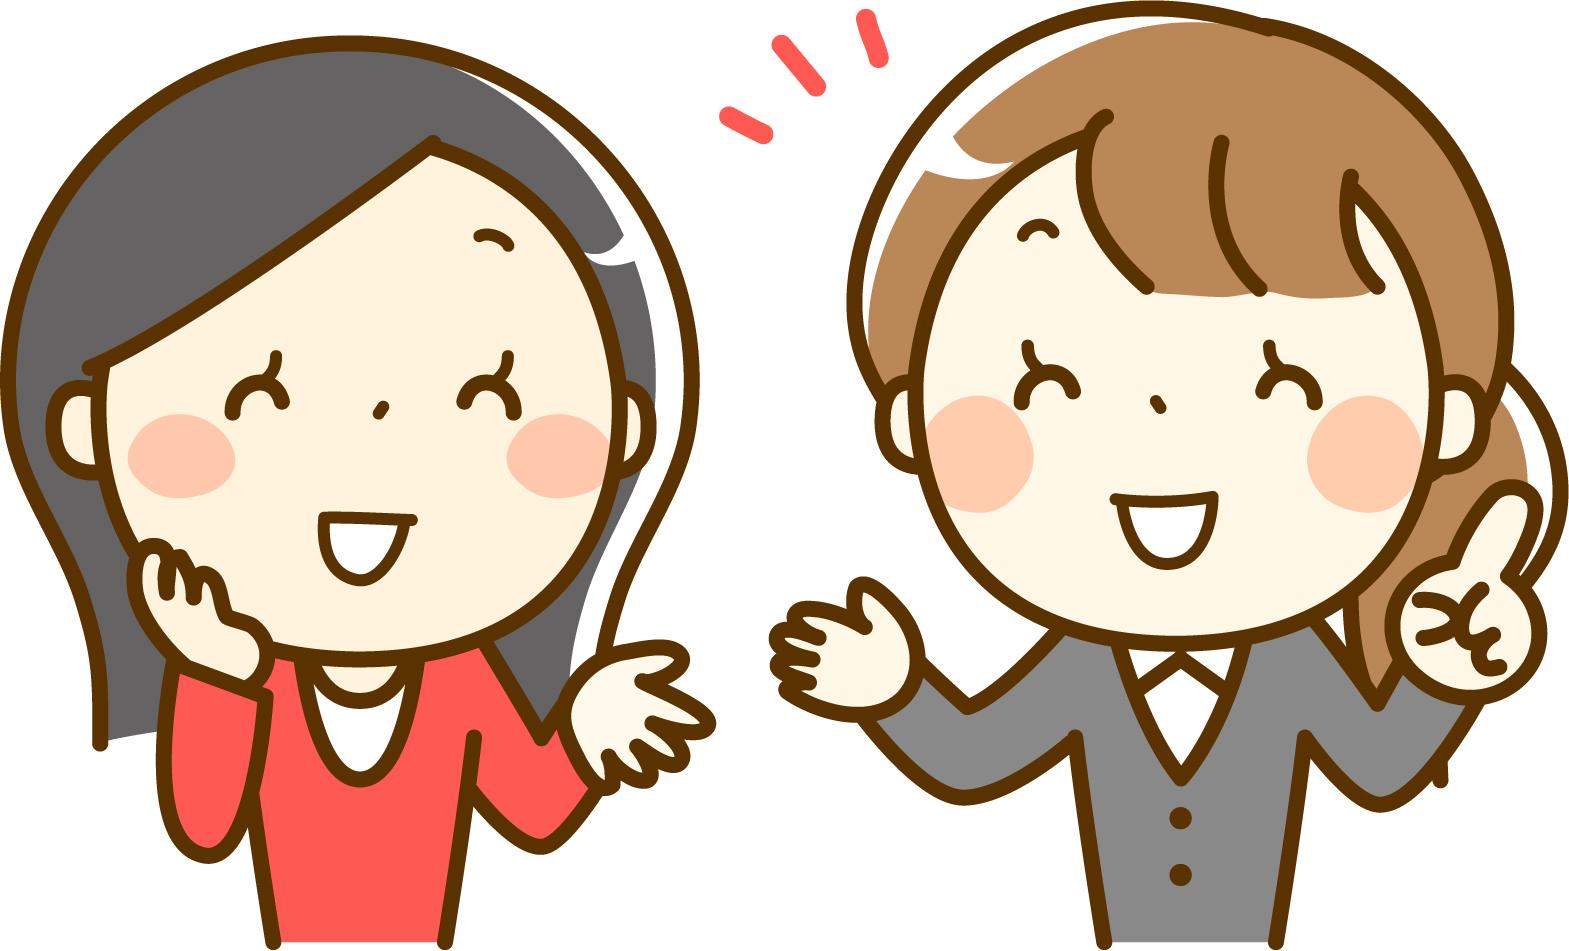 【静岡県御殿場市求人】プレミアム・アウトレットで働けるチャンスです!接客が出来る方を求めています。